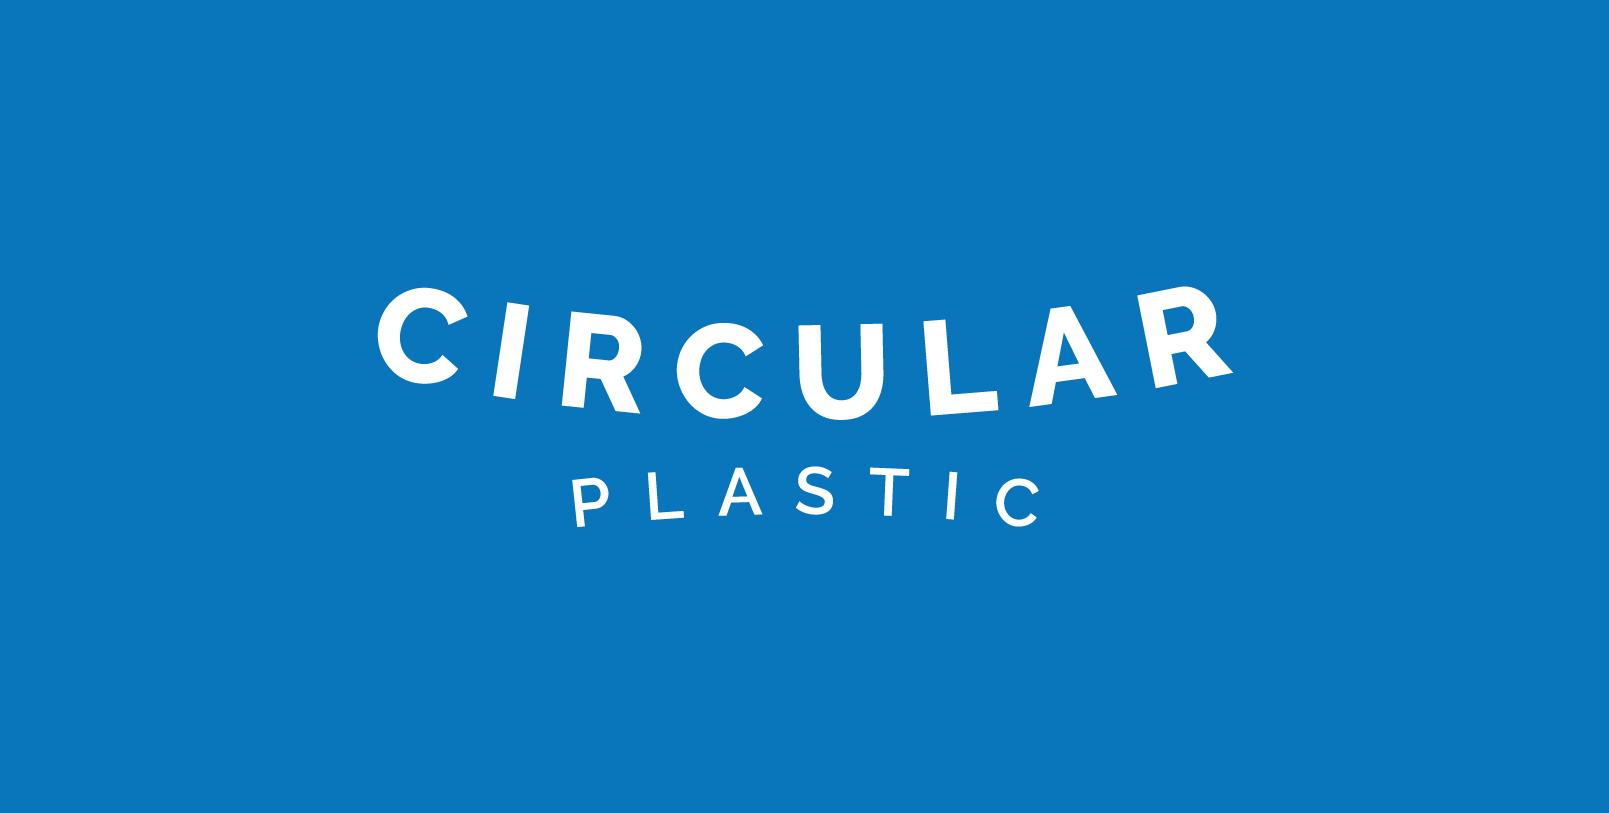 Circular Plastic logo designed by a dozen eggs